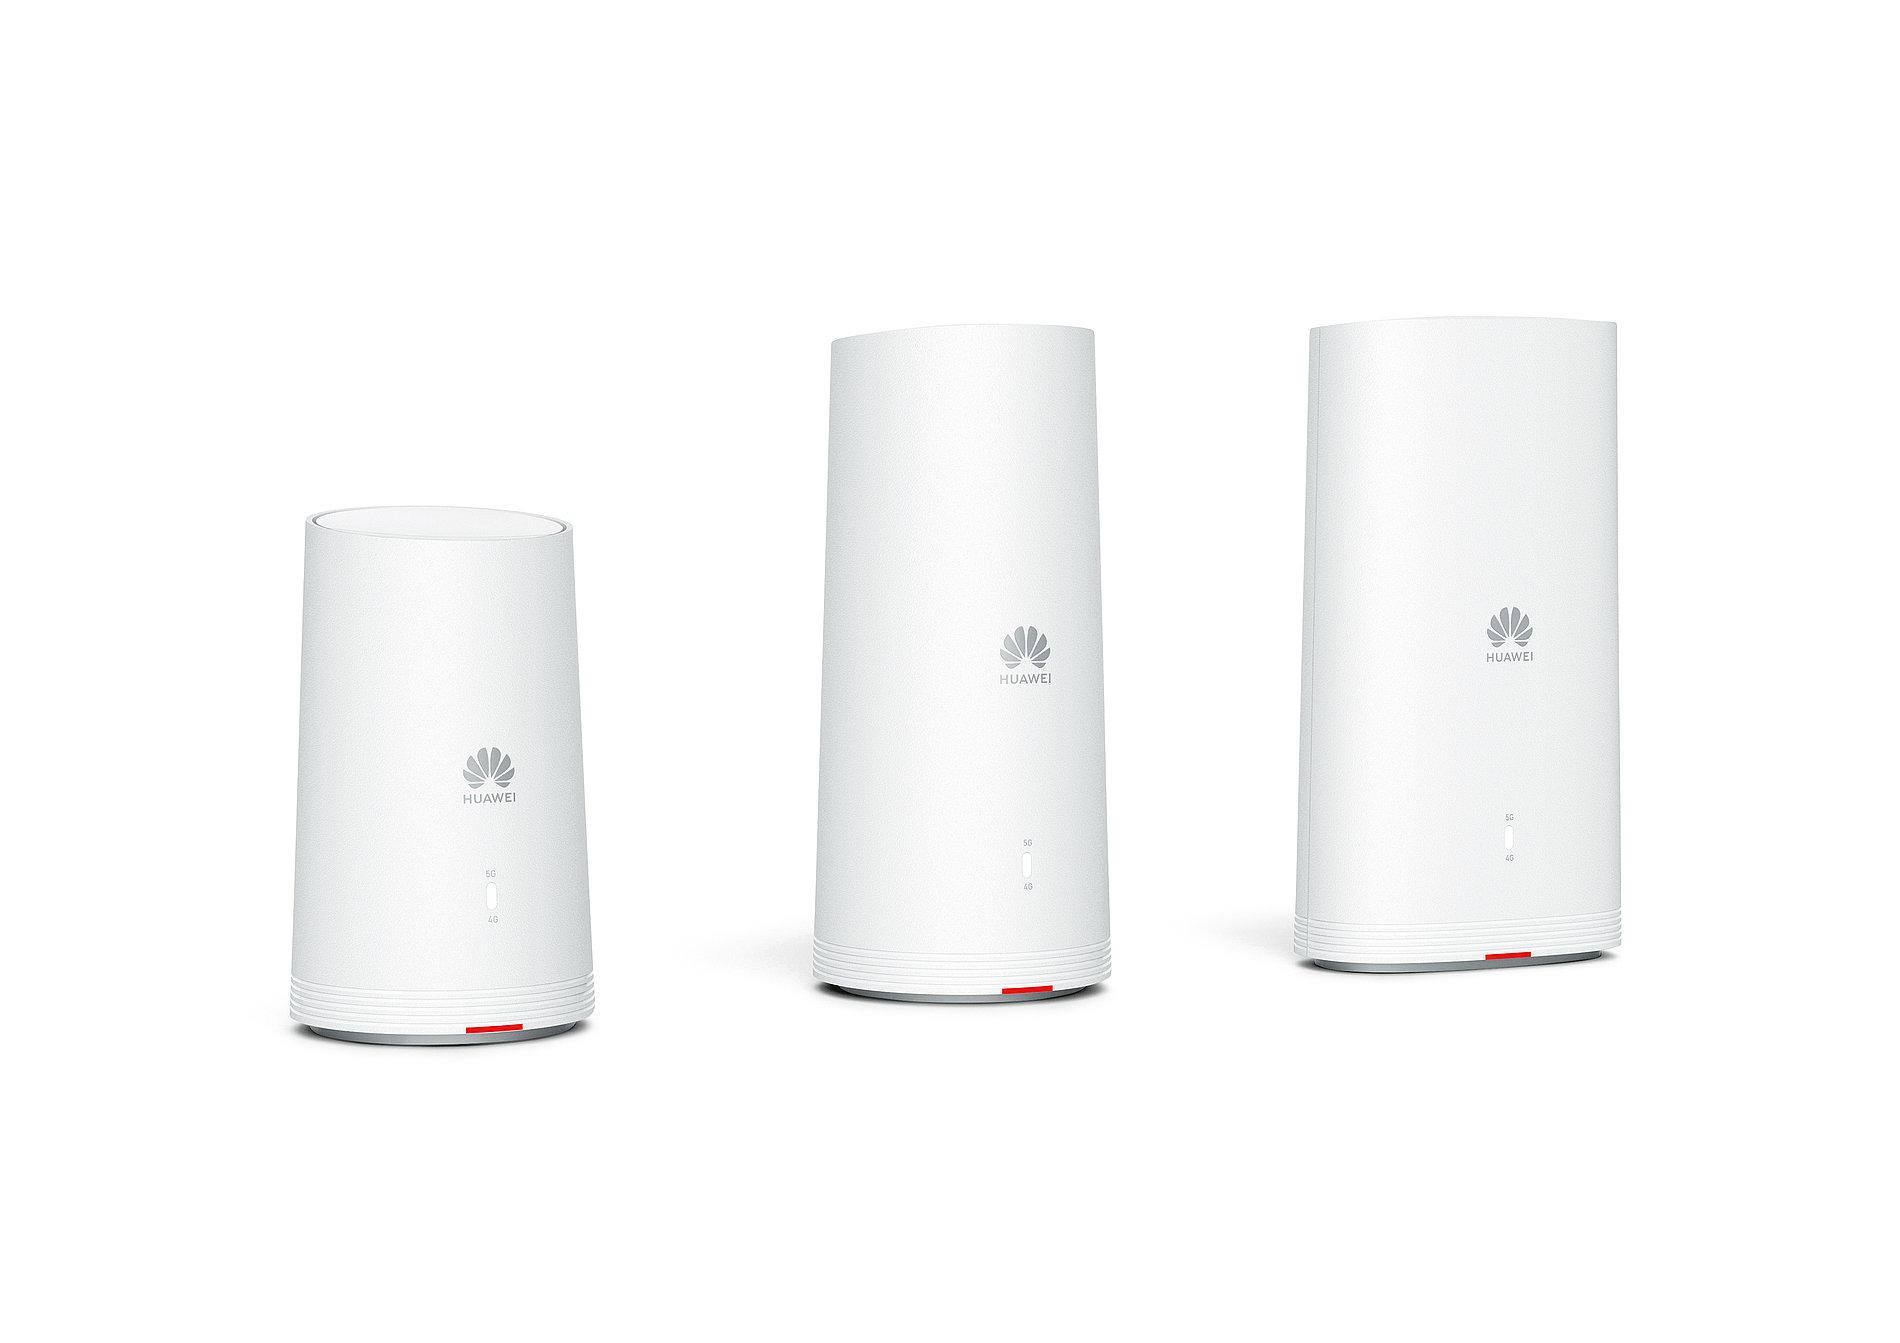 5G CPE | Red Dot Design Award